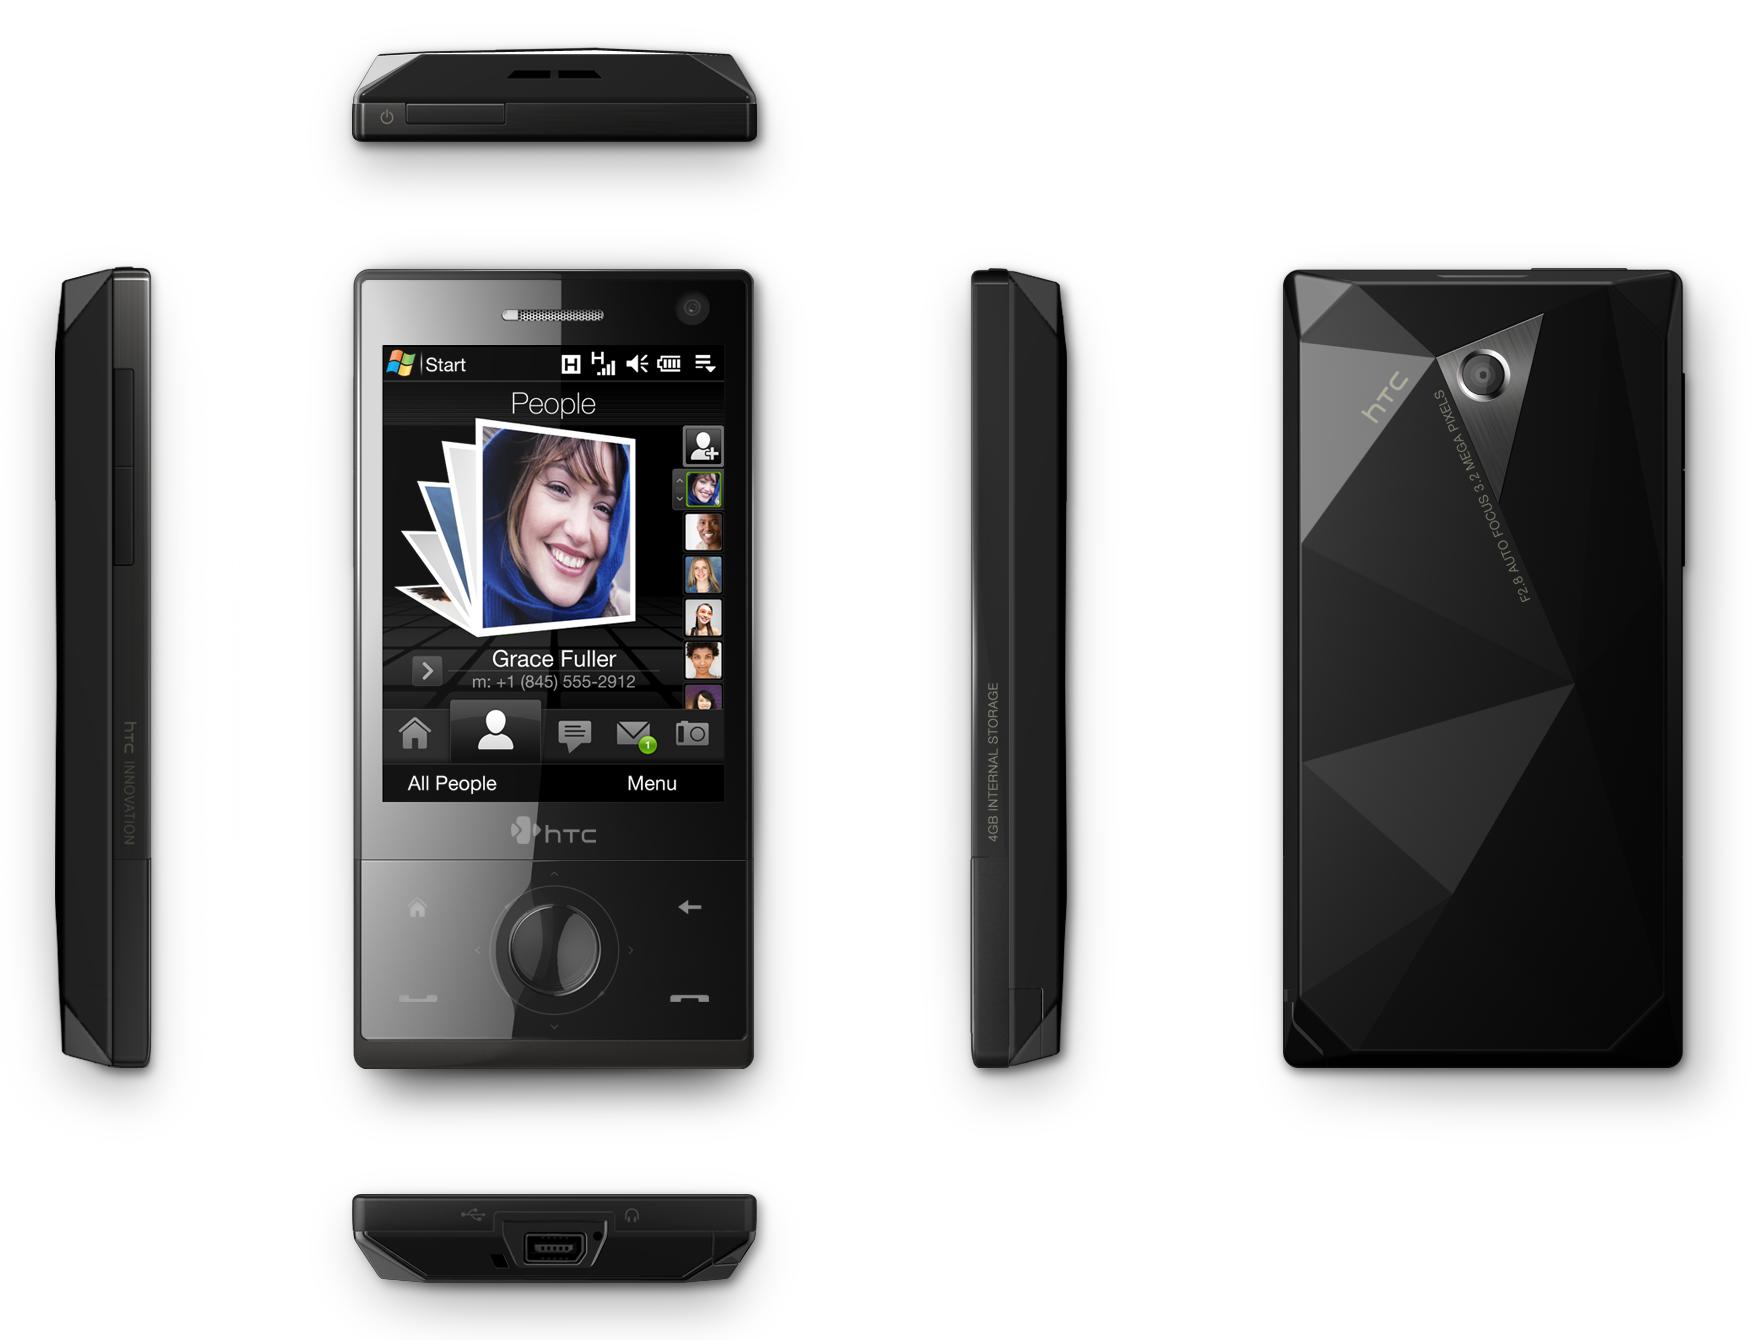 HTC_Diamond_2008.png